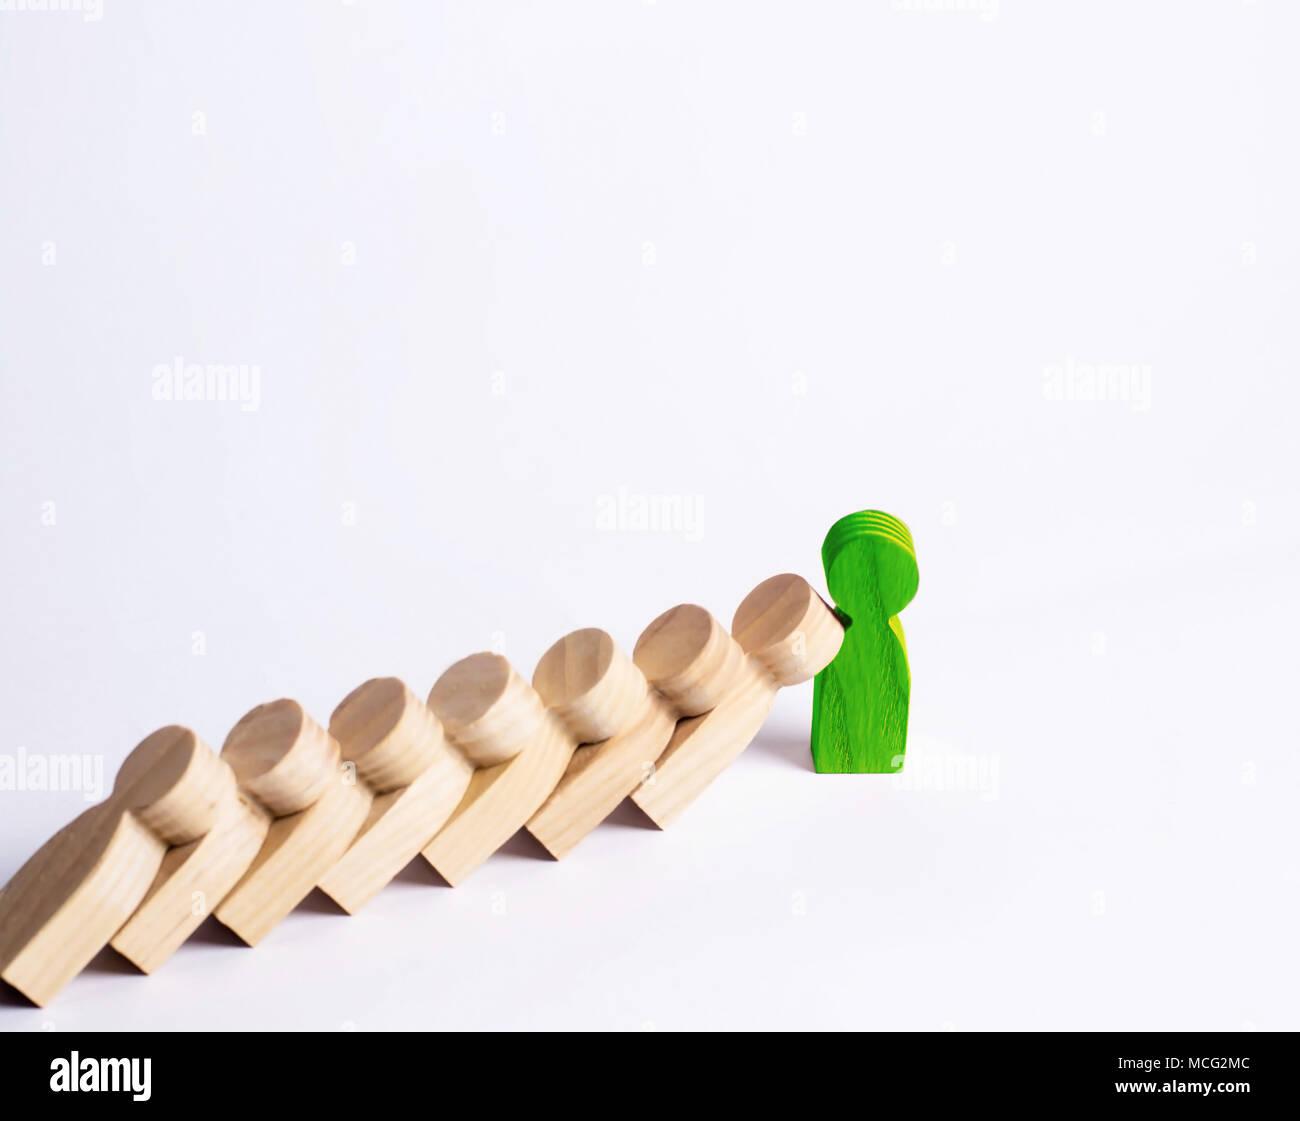 Die Menschen in der Linie fallen wie Dominosteine. Green Man stoppt den Sturz des Menschen wie Dominosteine. Das Konzept der Haltbarkeit und Festigkeit, Geschäftsideen. Willenskraft, Stockbild